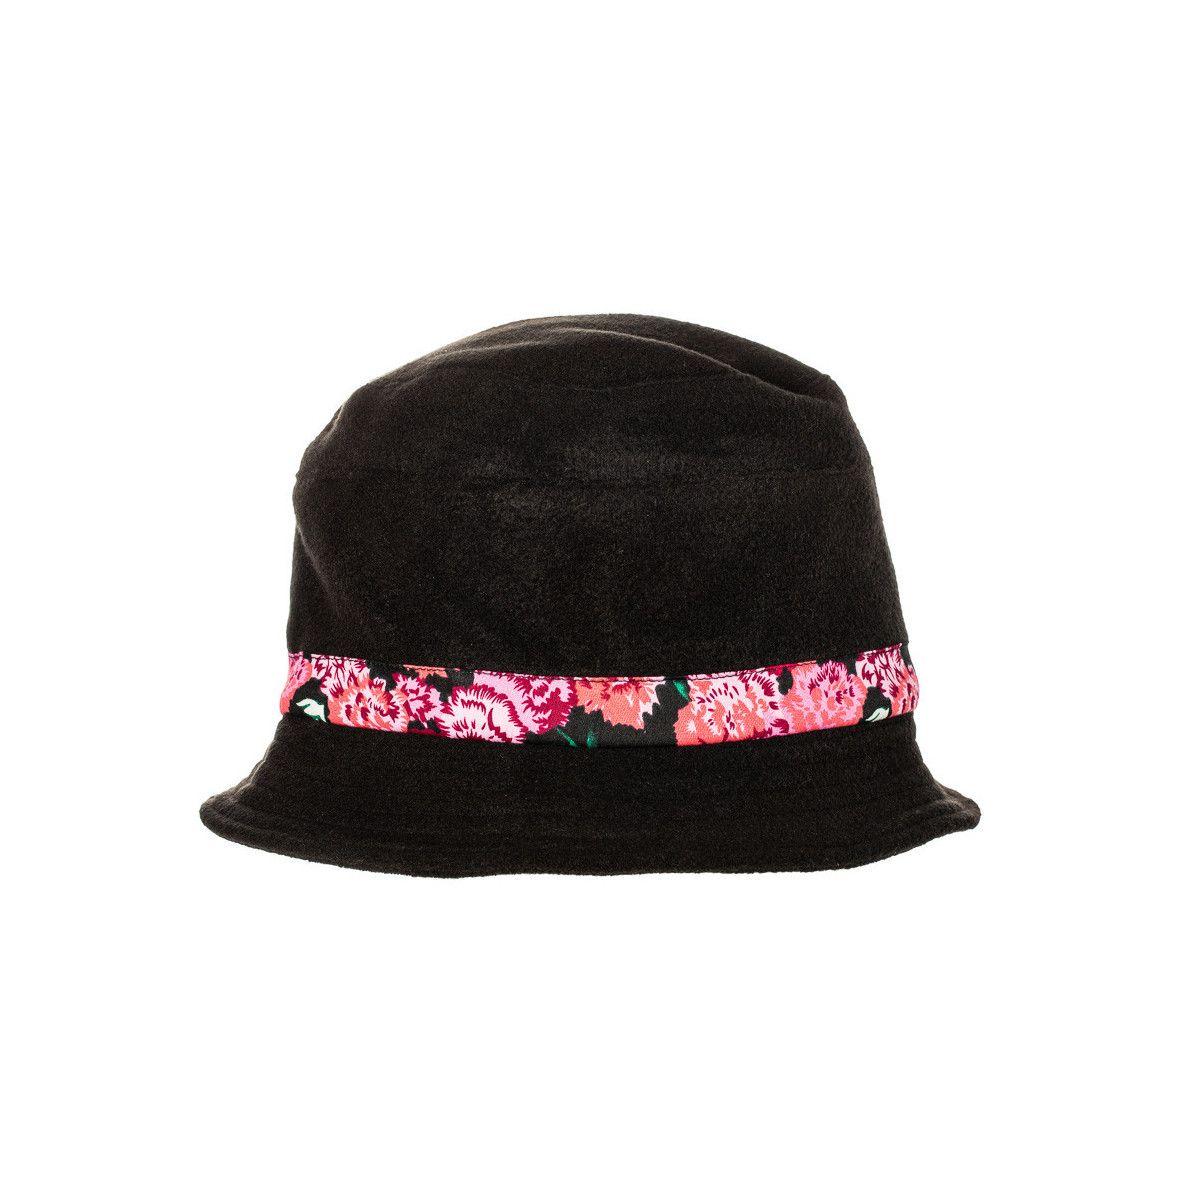 Chapeau polaire noir et fleurs roses